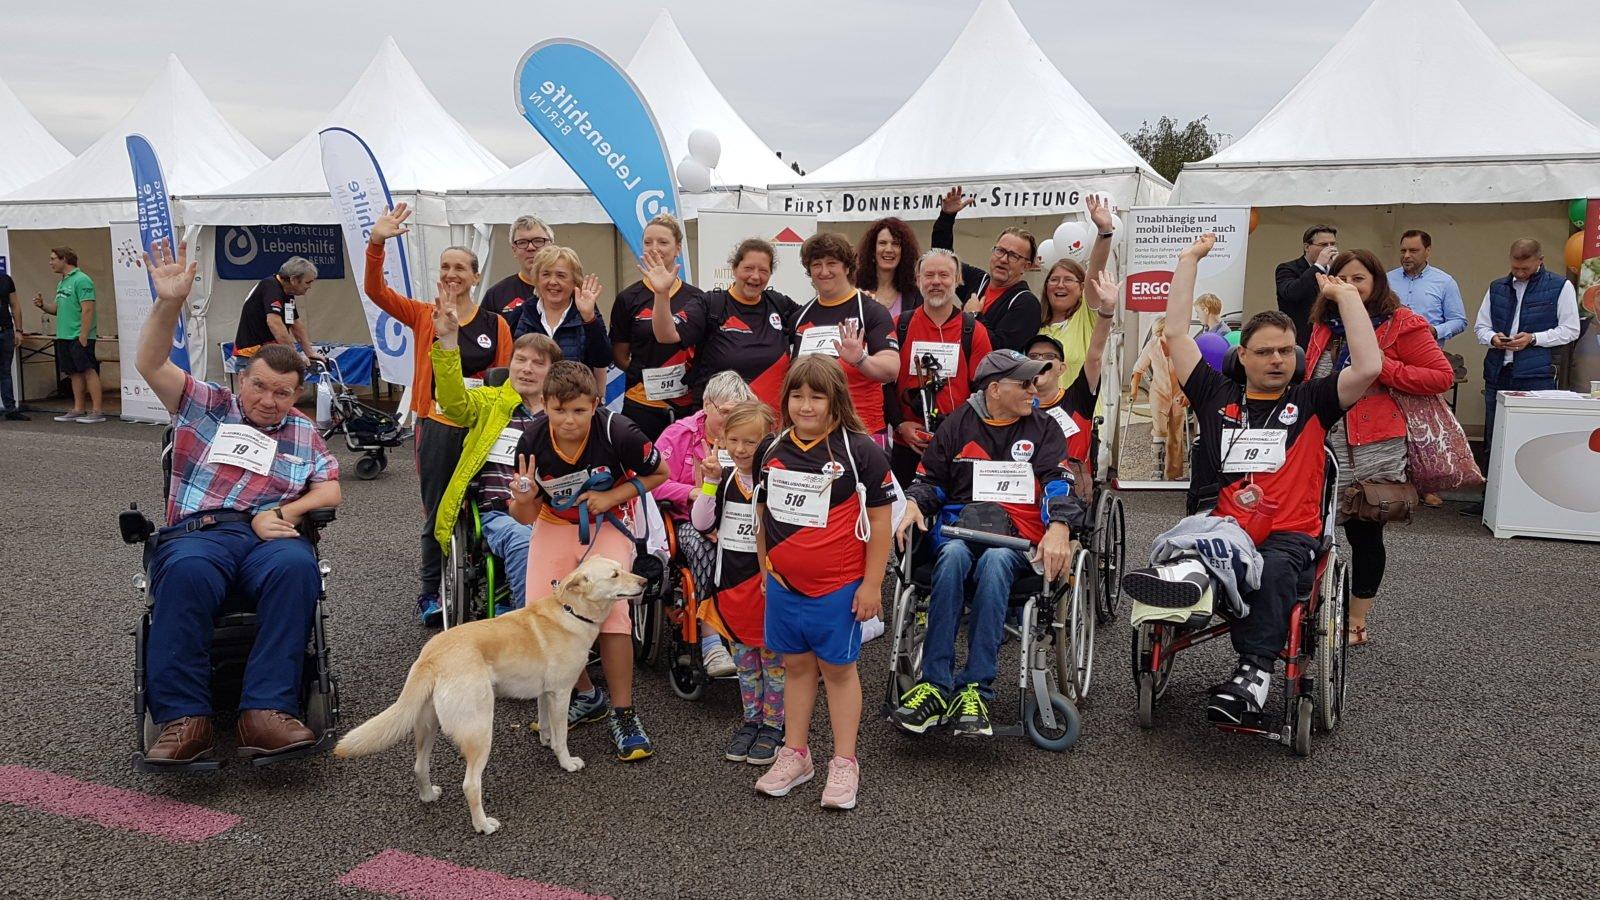 Gruppenfoto unserer Läuferinnen und Läufer.